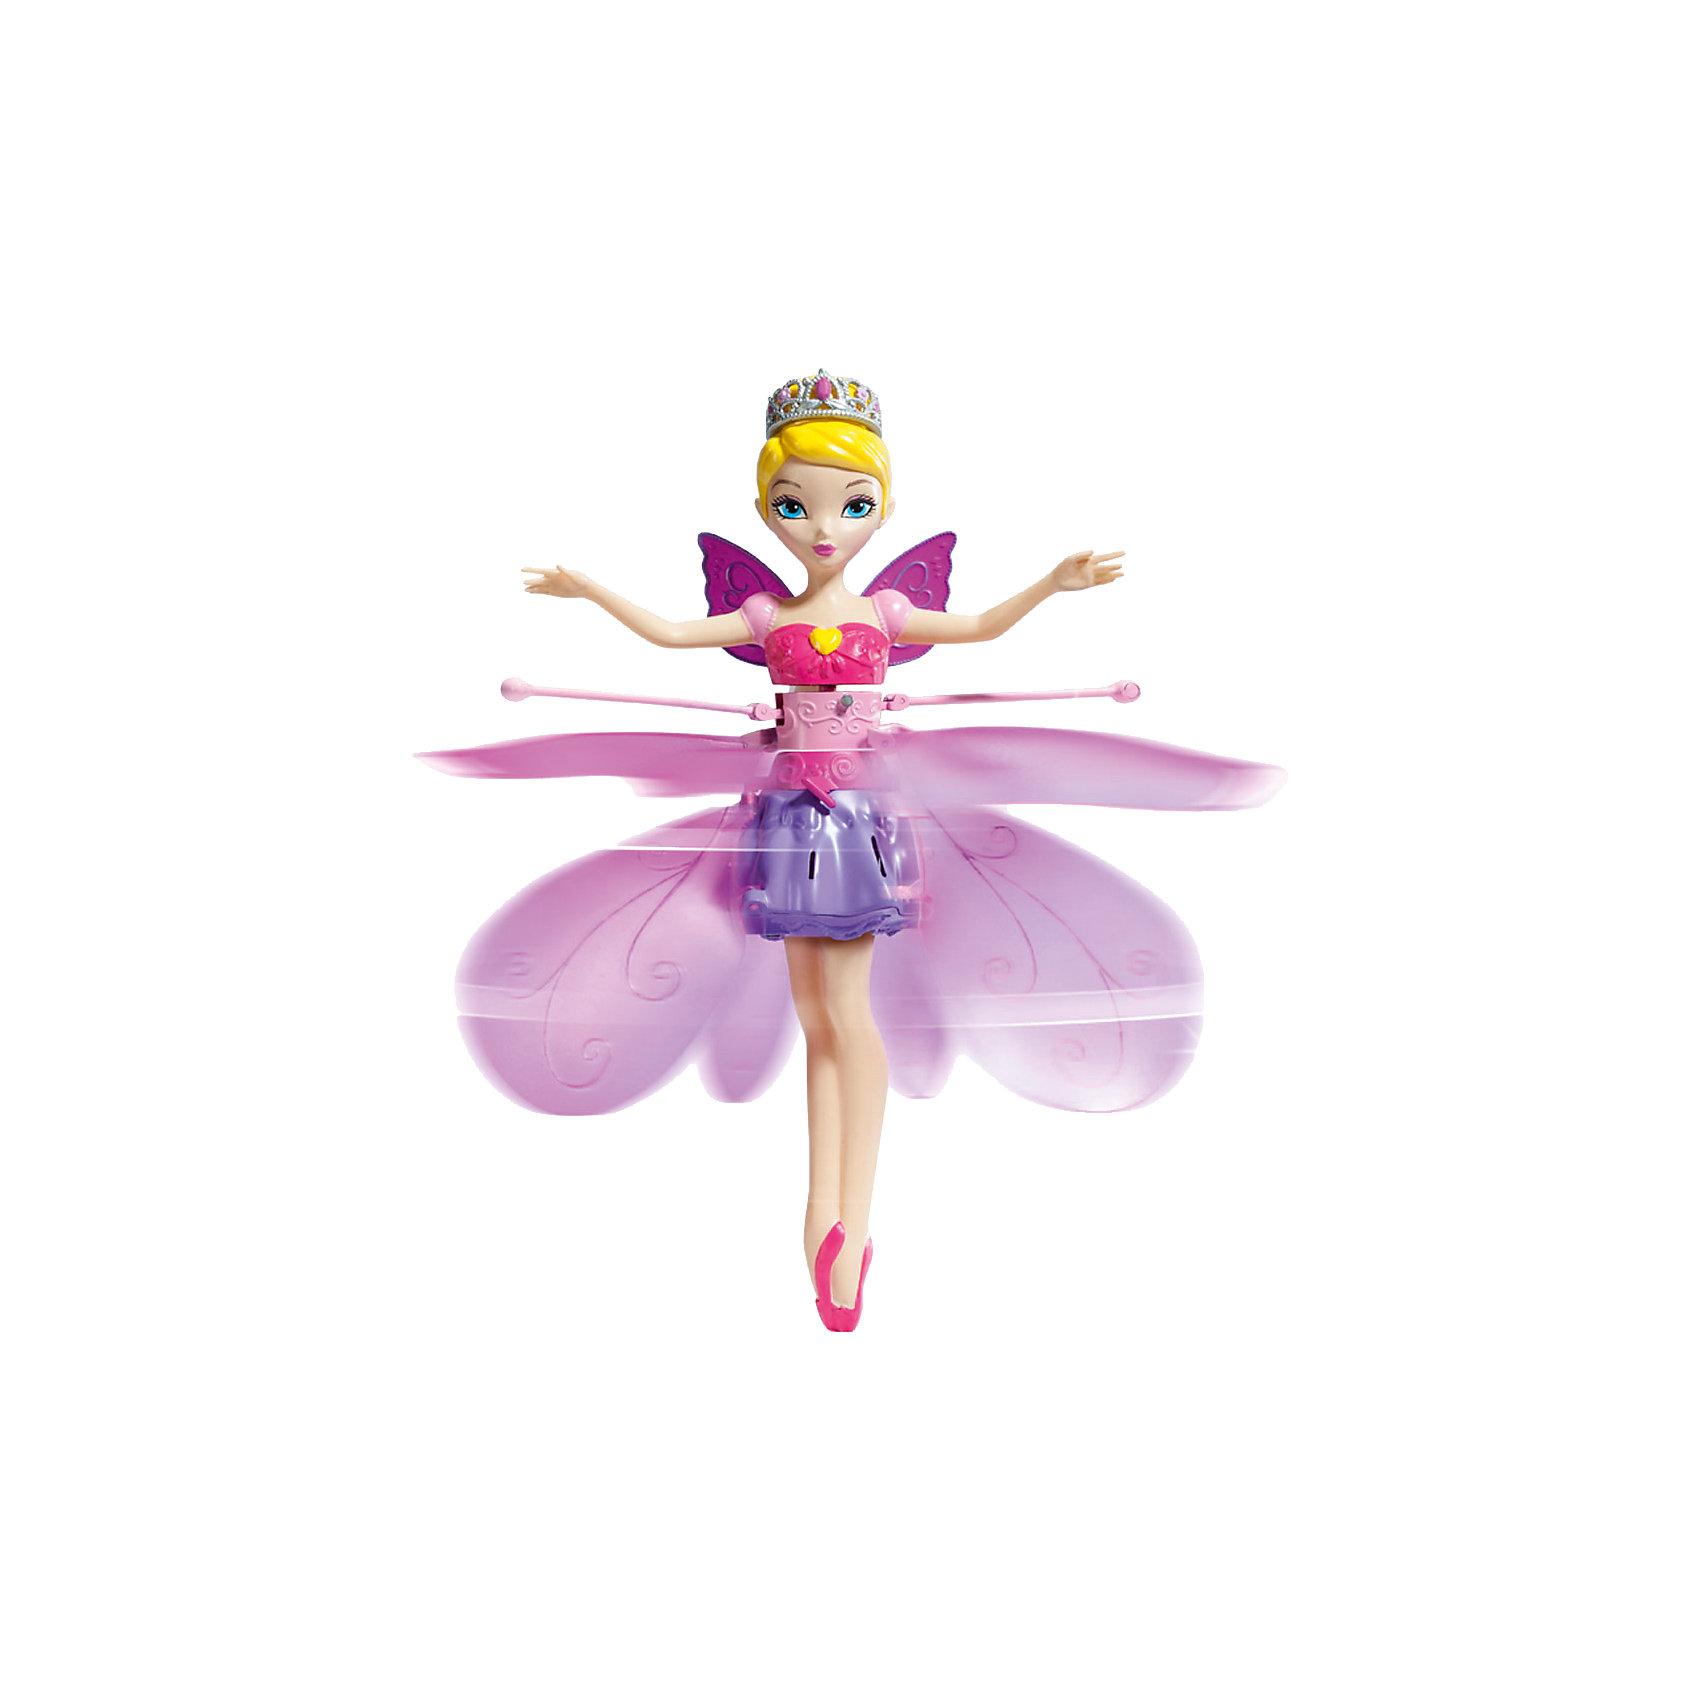 Принцесса, парящая в воздухе, Flying Fairy